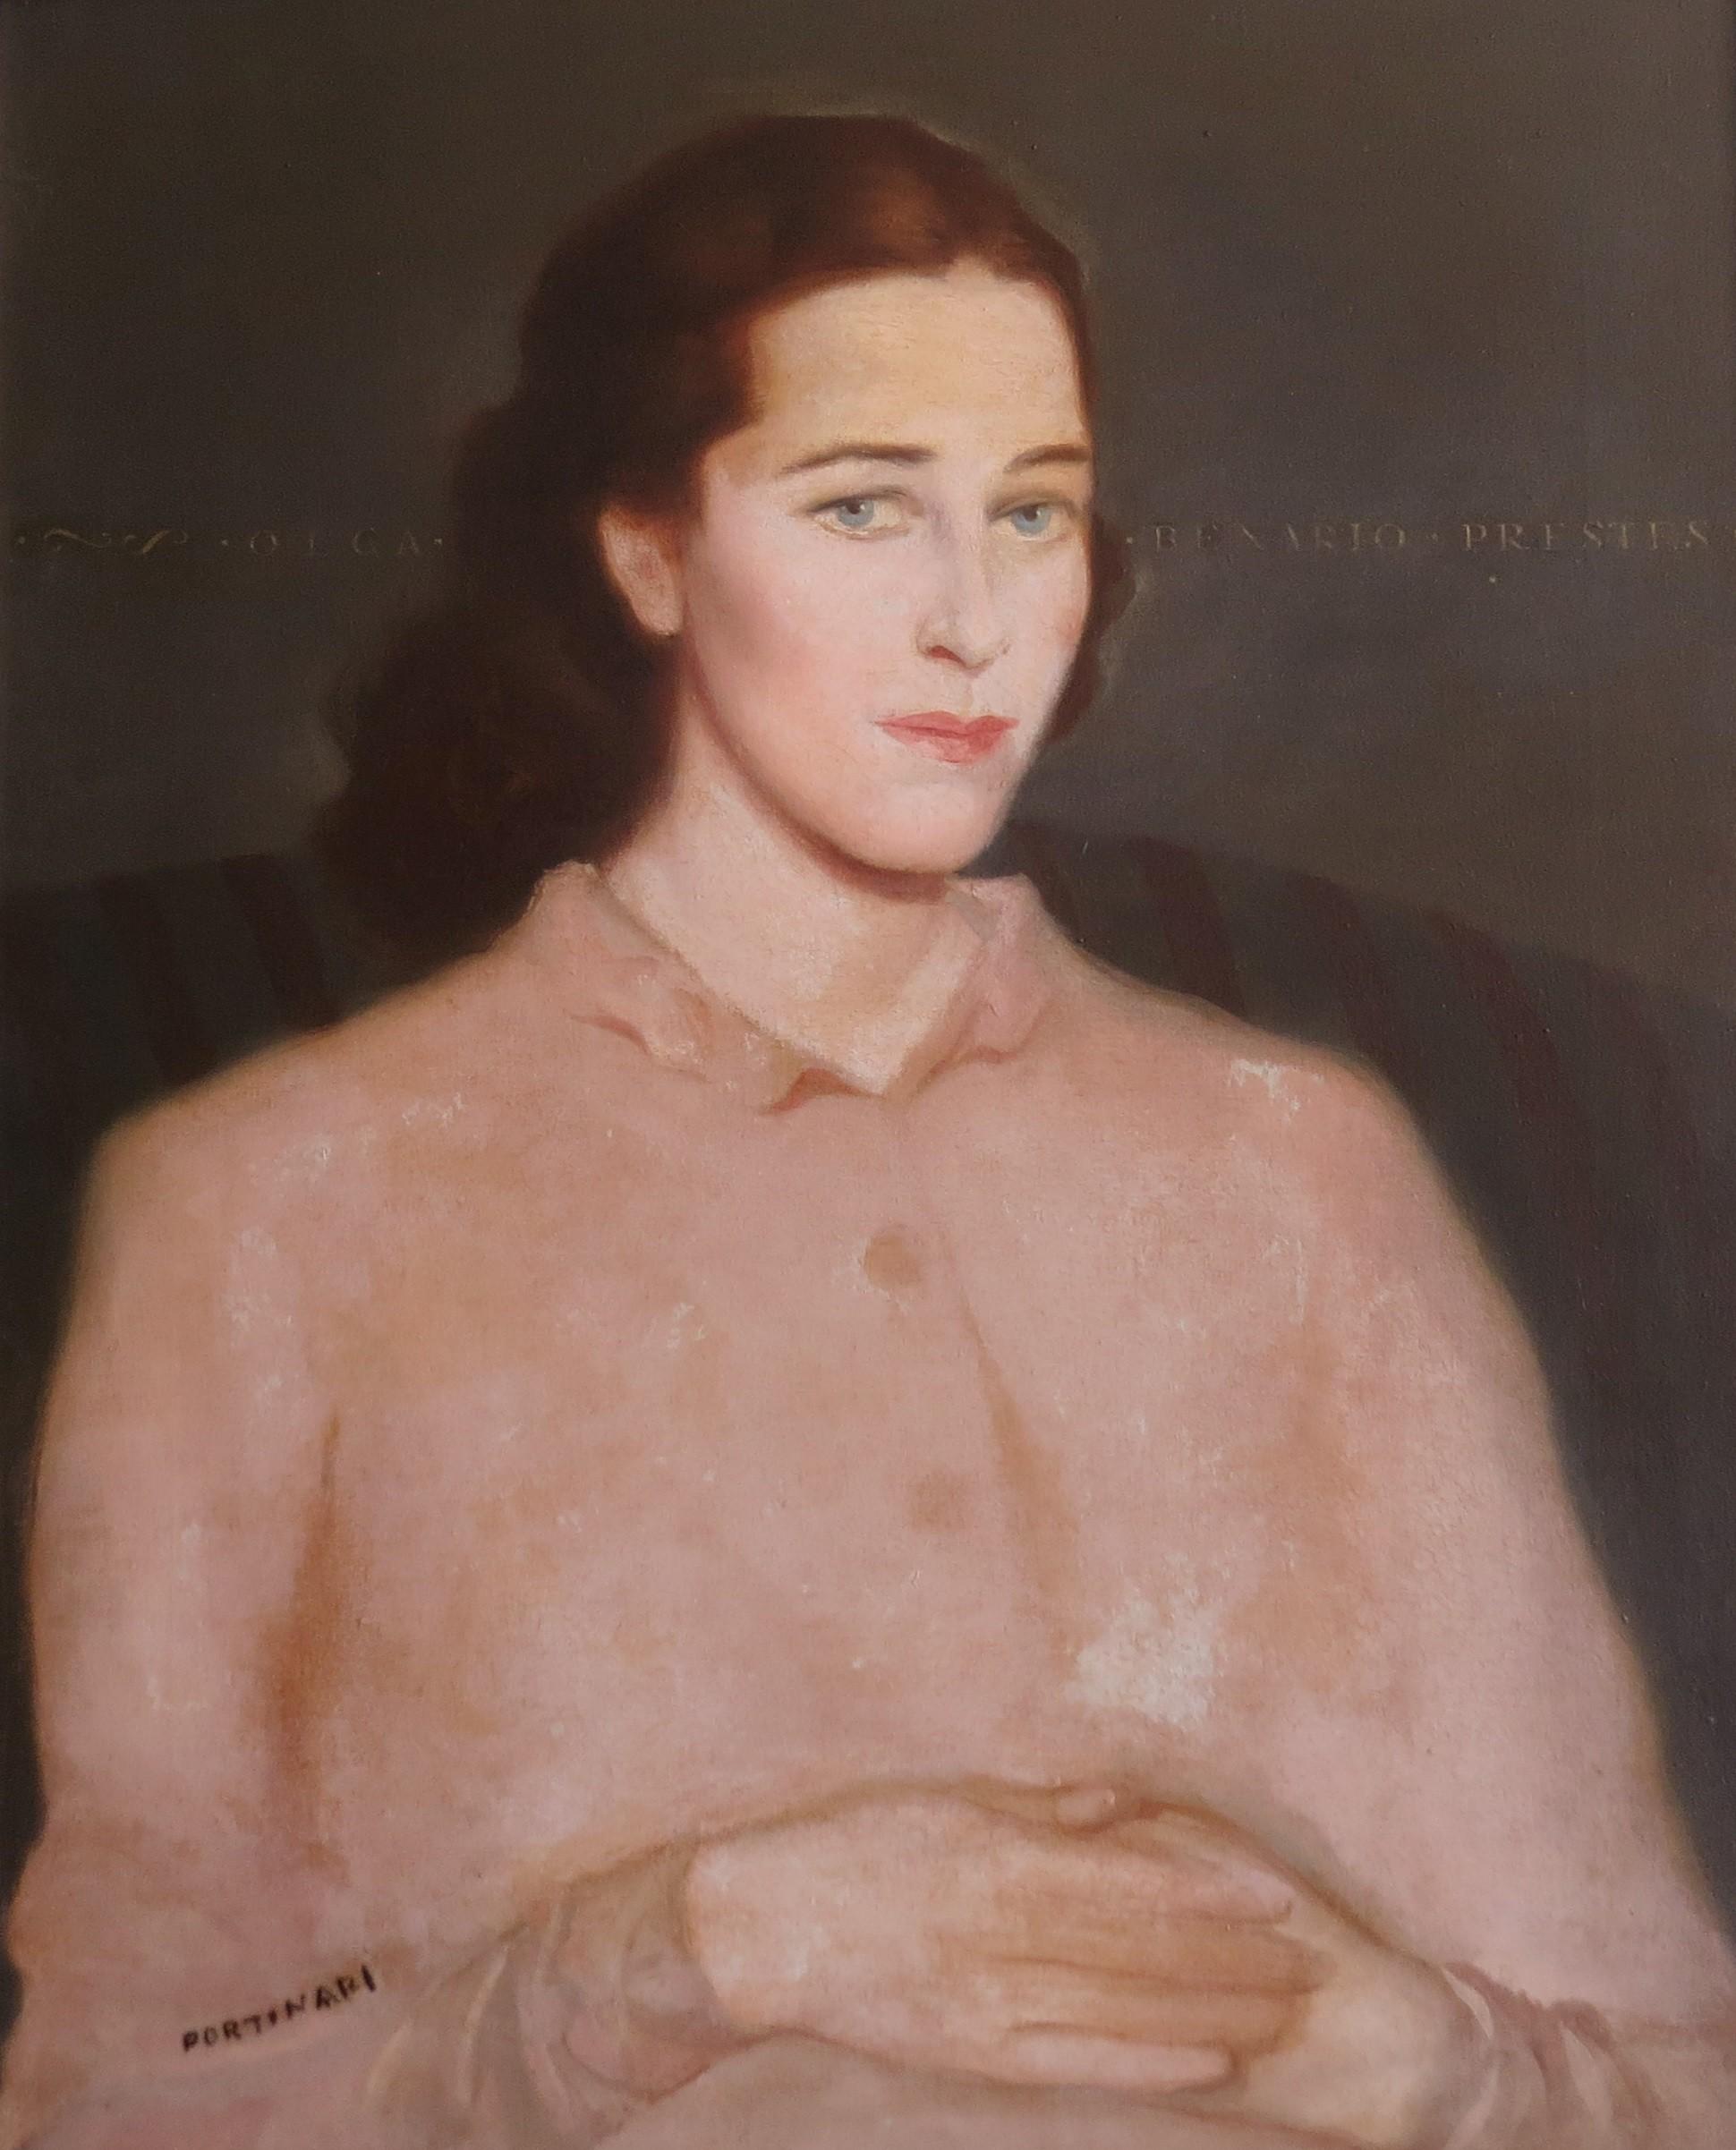 Retrato de Olga feito por Candido Portinari